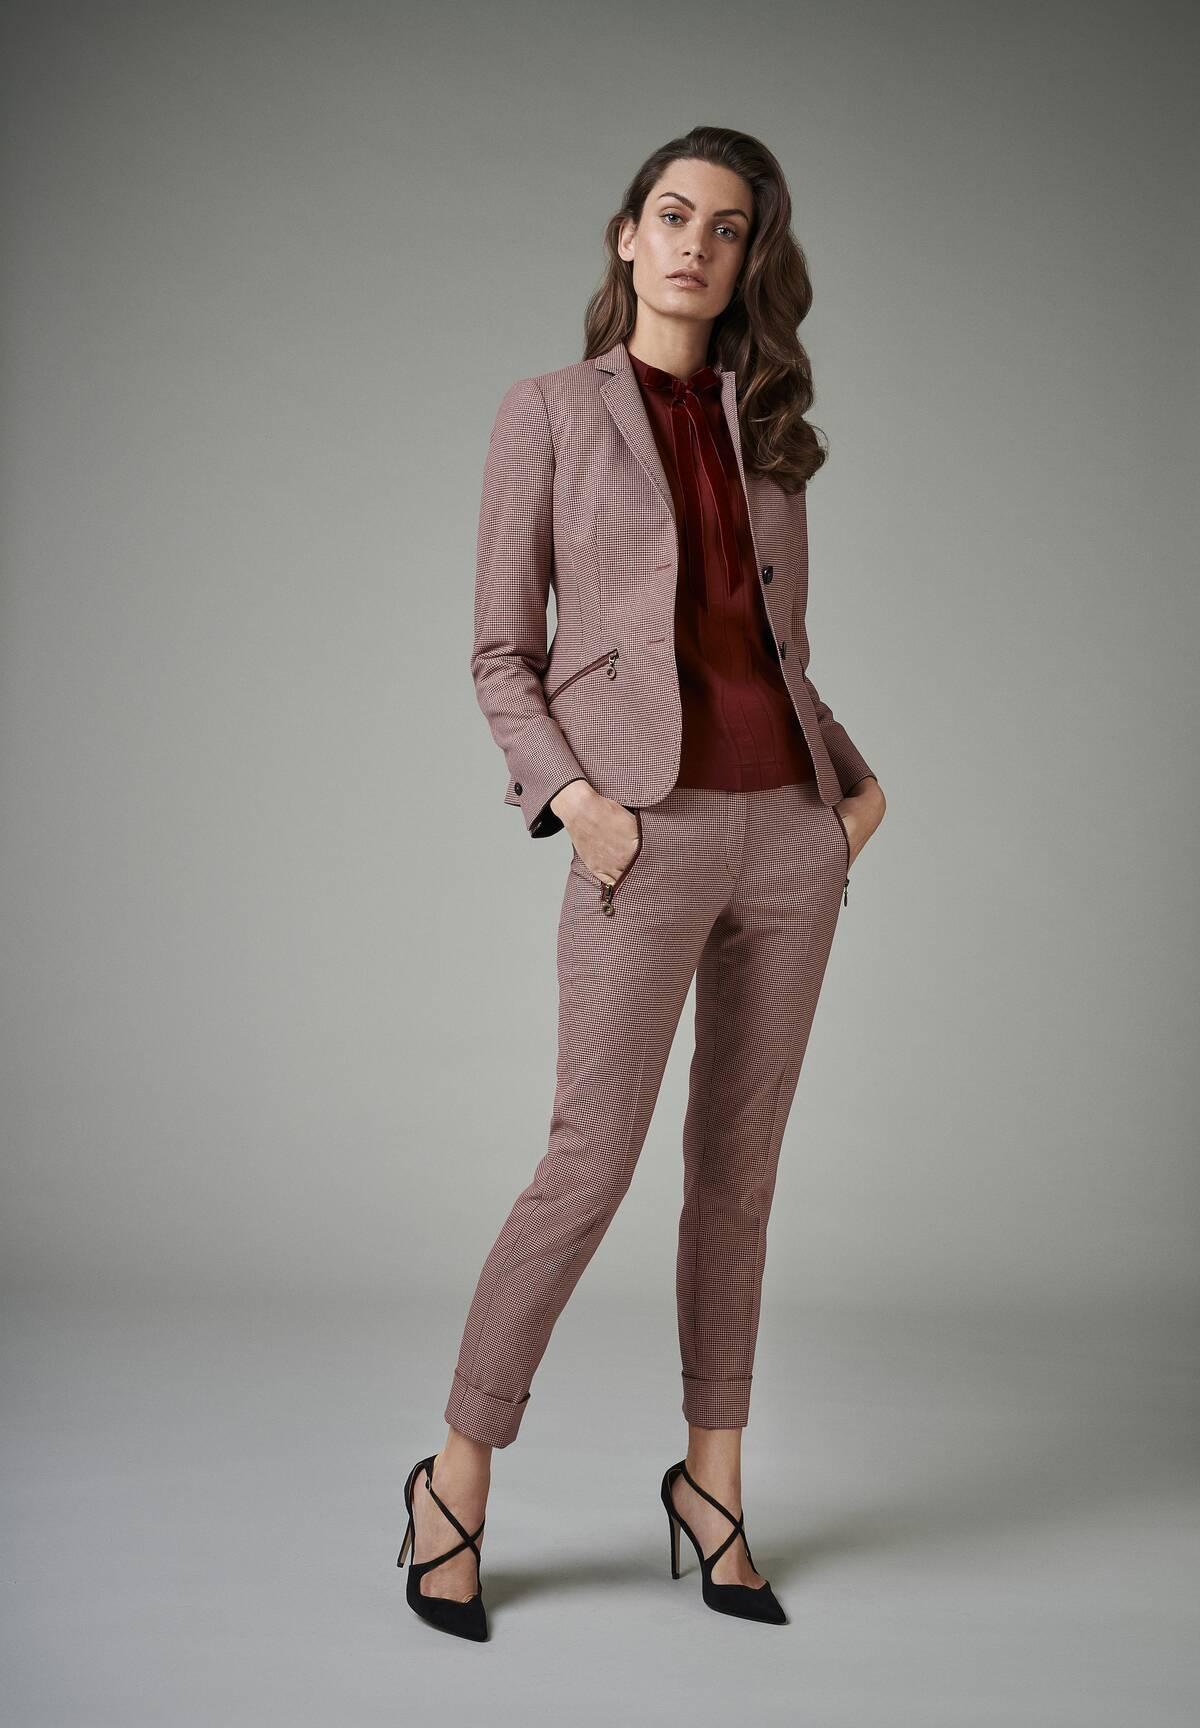 Moderne Bluse mit hochgestelltem Kragen und Schleife / Shirt with Bow Tie